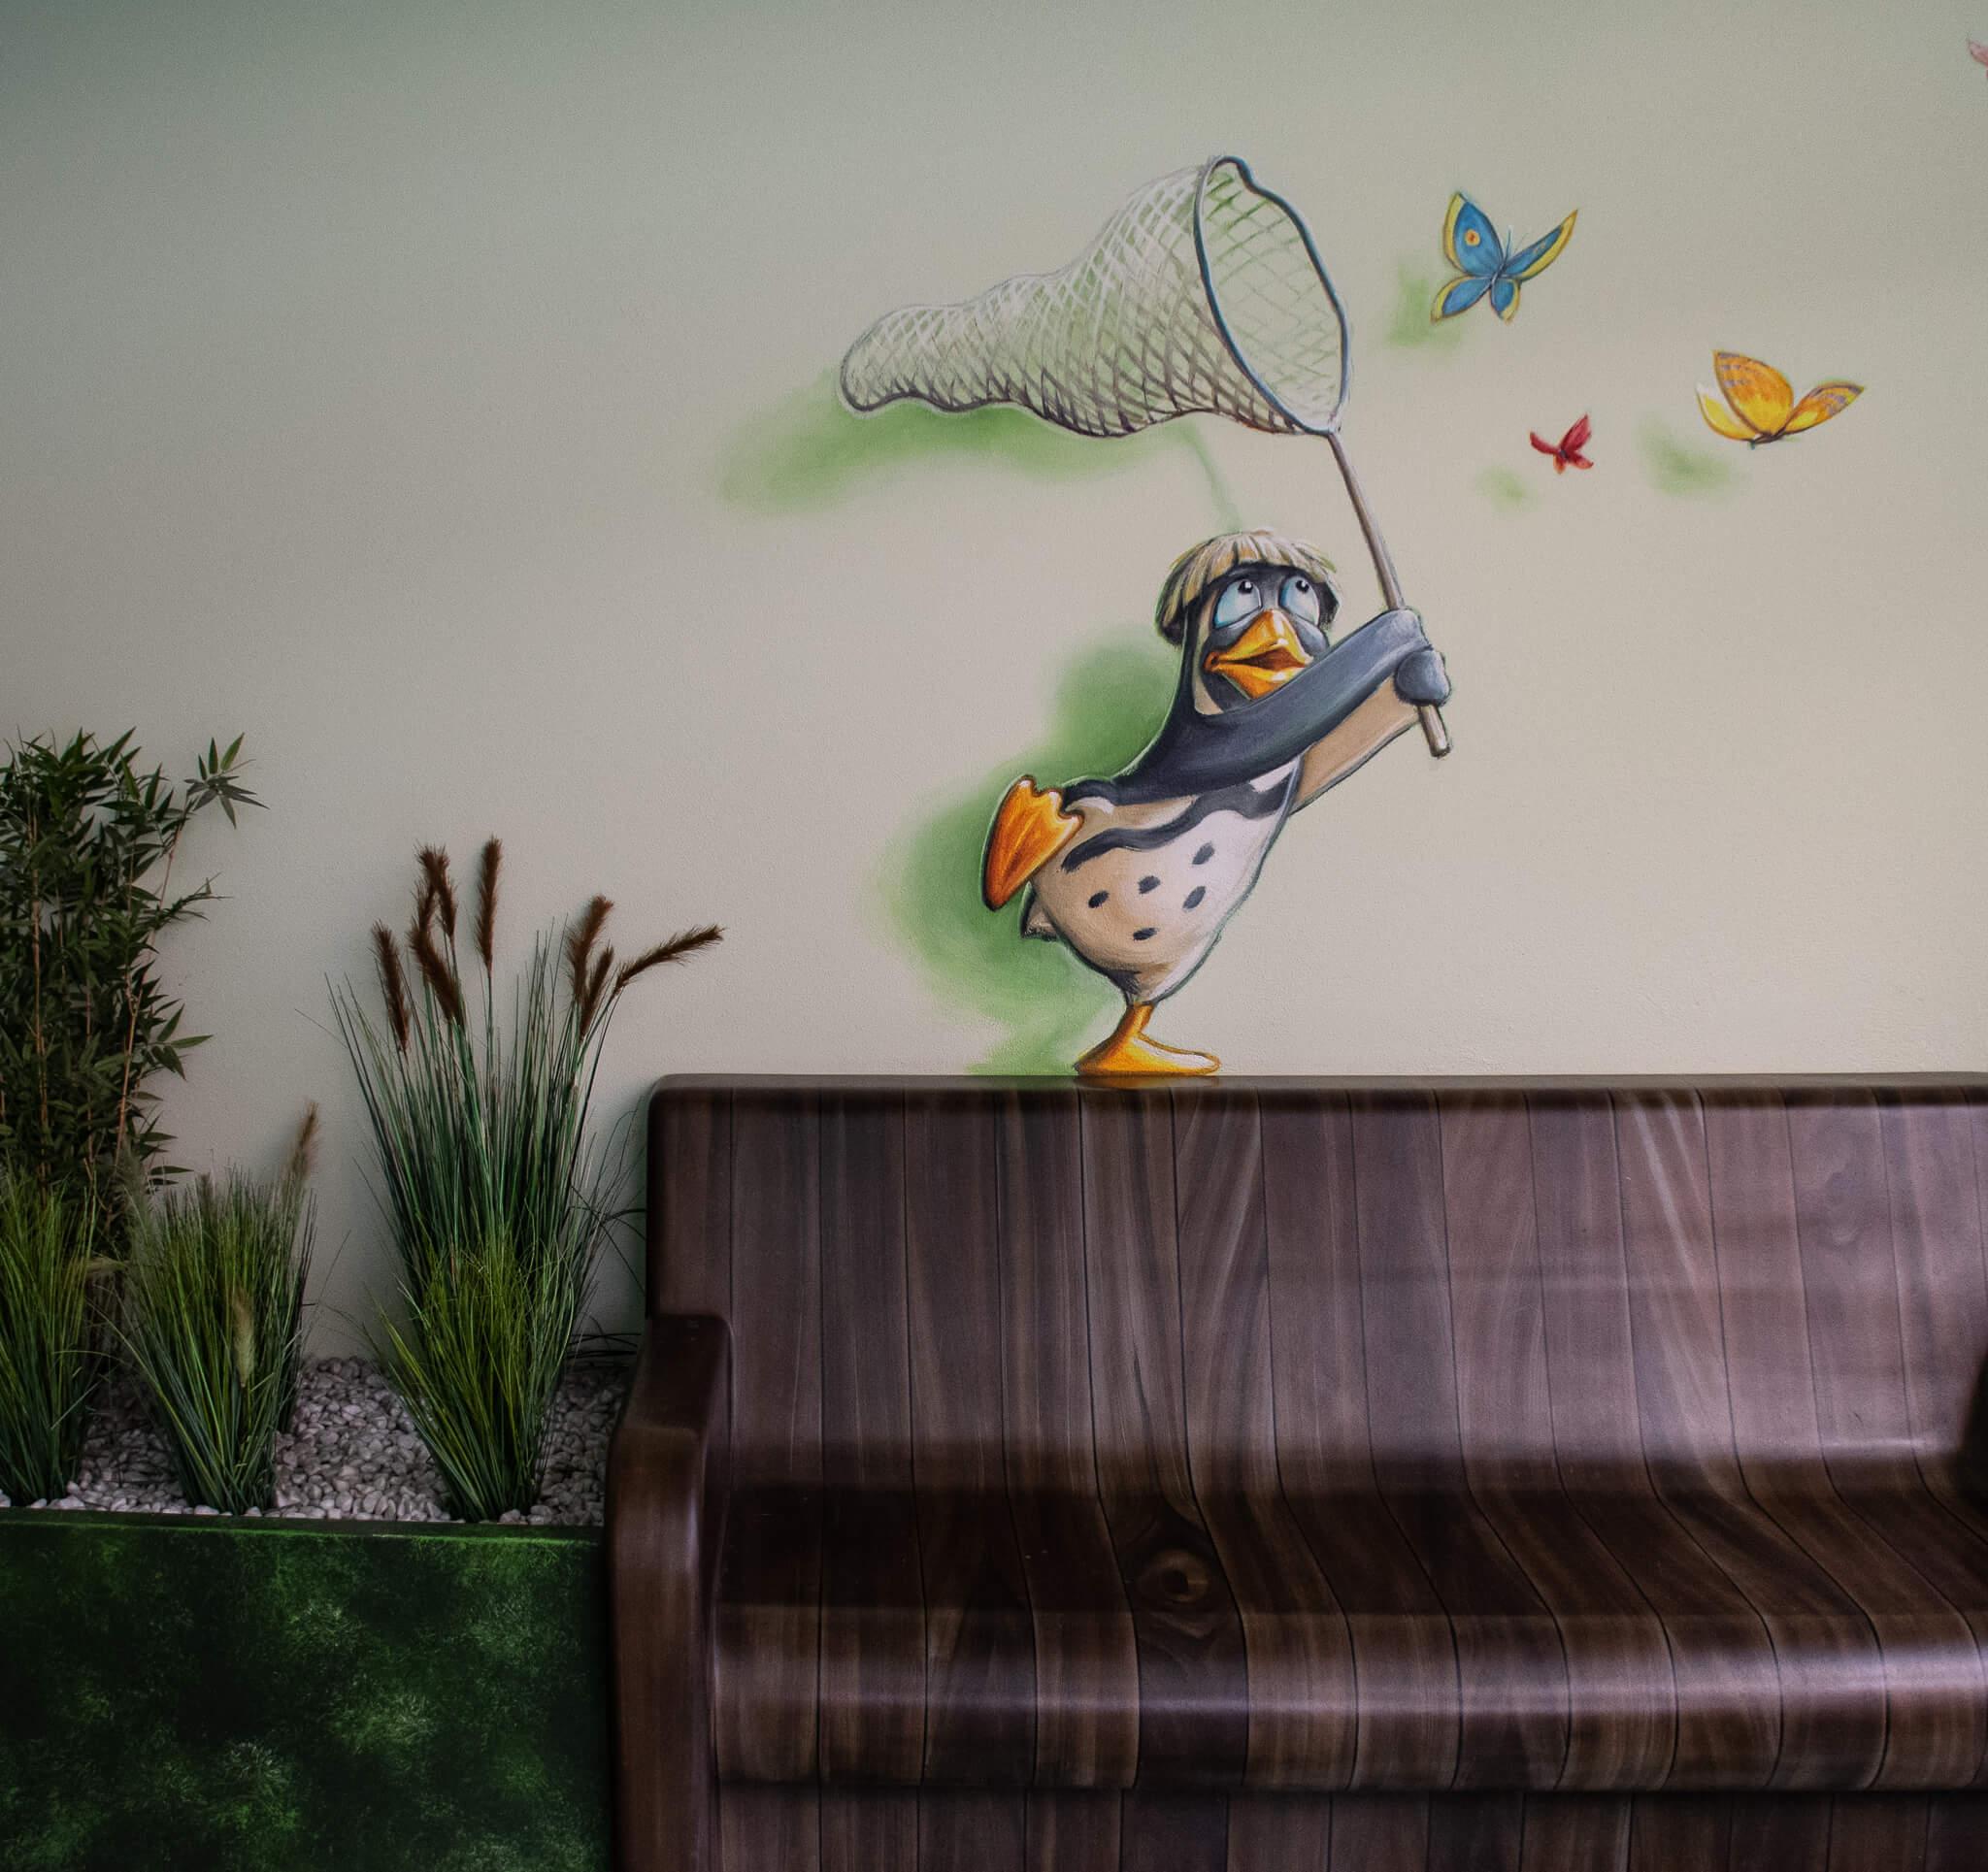 Pinguinmalerei über einer Bank